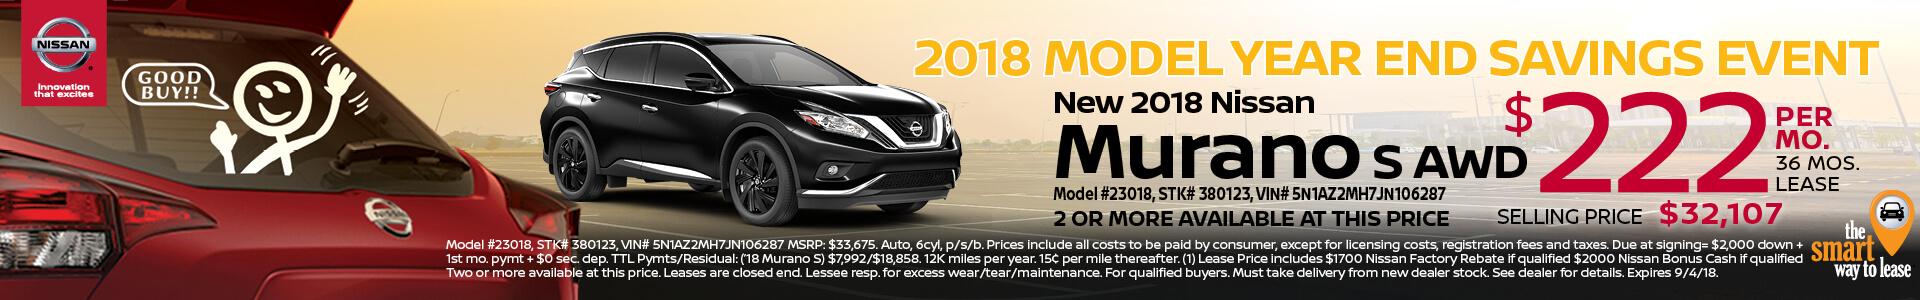 2018 Nissan Murano $222